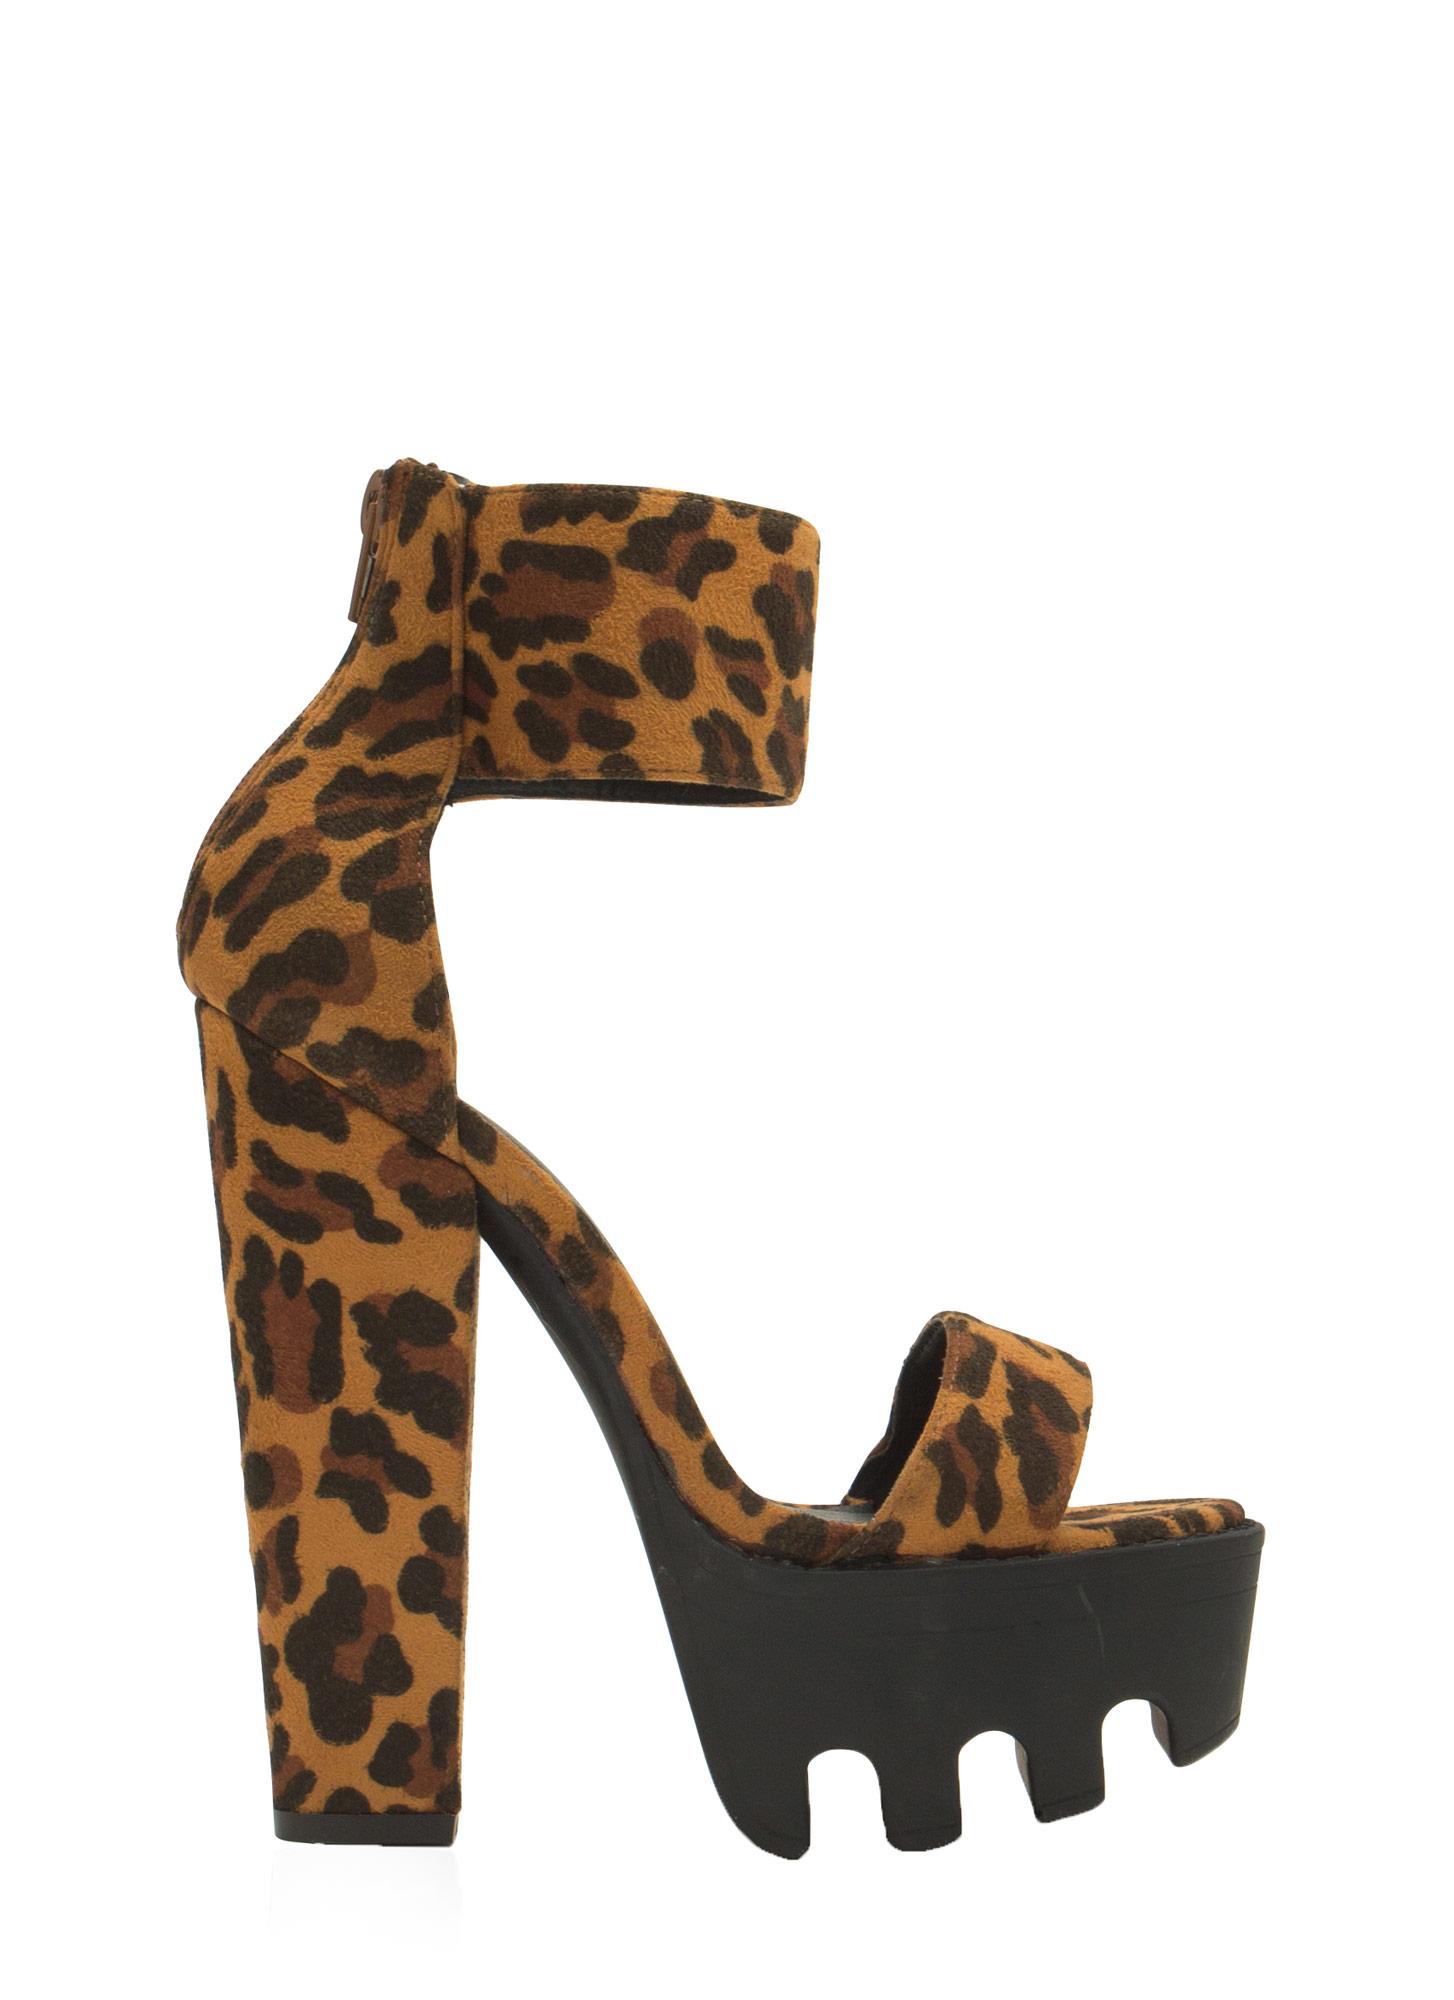 Chunky Leopard Heels | Tsaa Heel